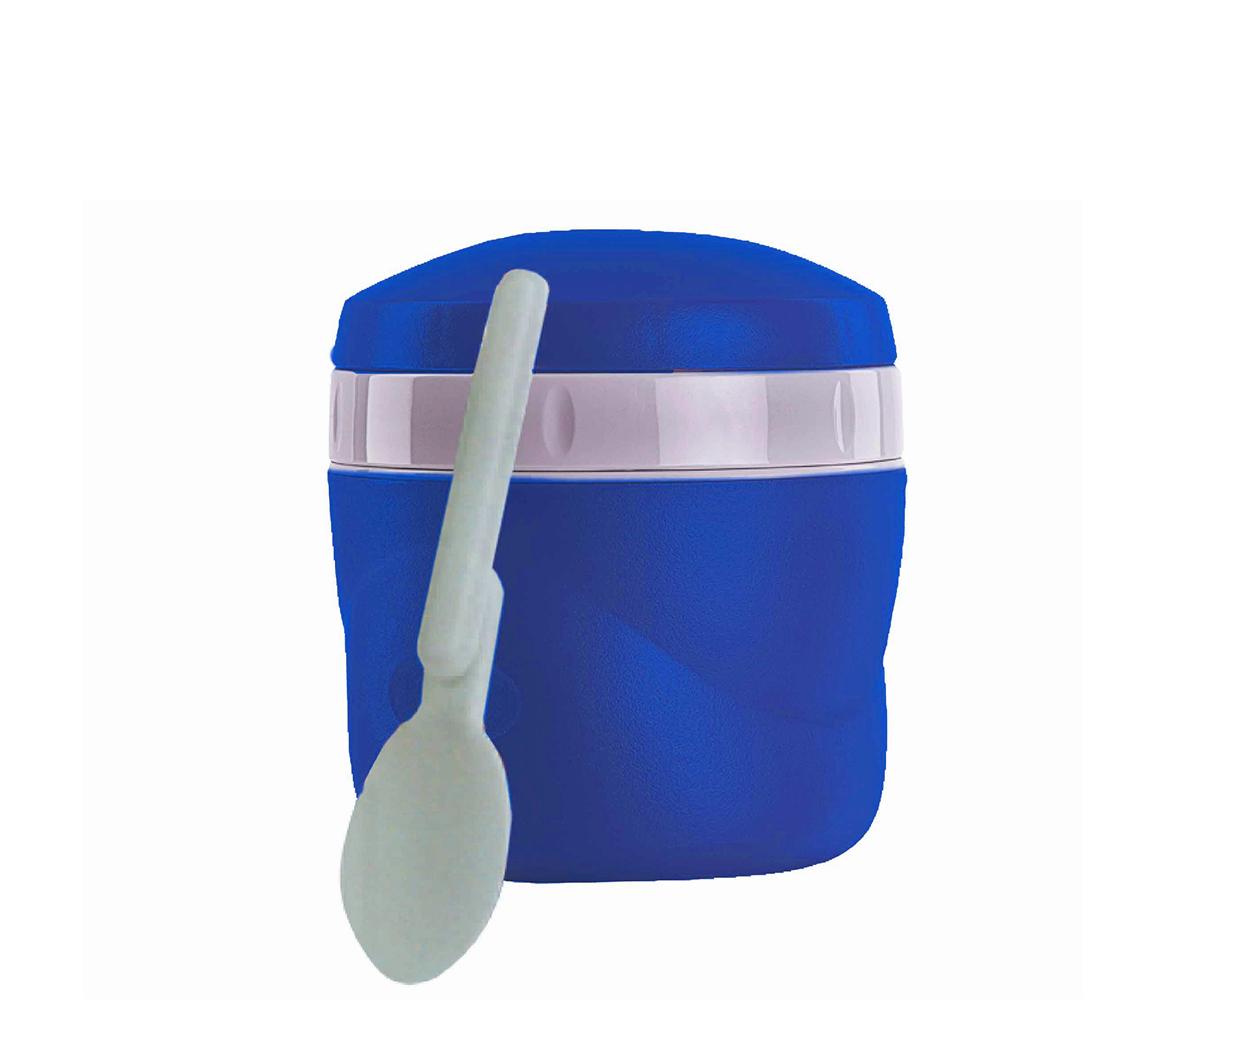 Características:   Capacidad: 235ML.   Material: Interior y exterior de plástico.   Aislamiento térmico con Poliuretano.   Ideal para la lonchera.   Incluye cuchara plegable.   Conserva caliente (3 horas) y frío (12 horas).  No conserva olores